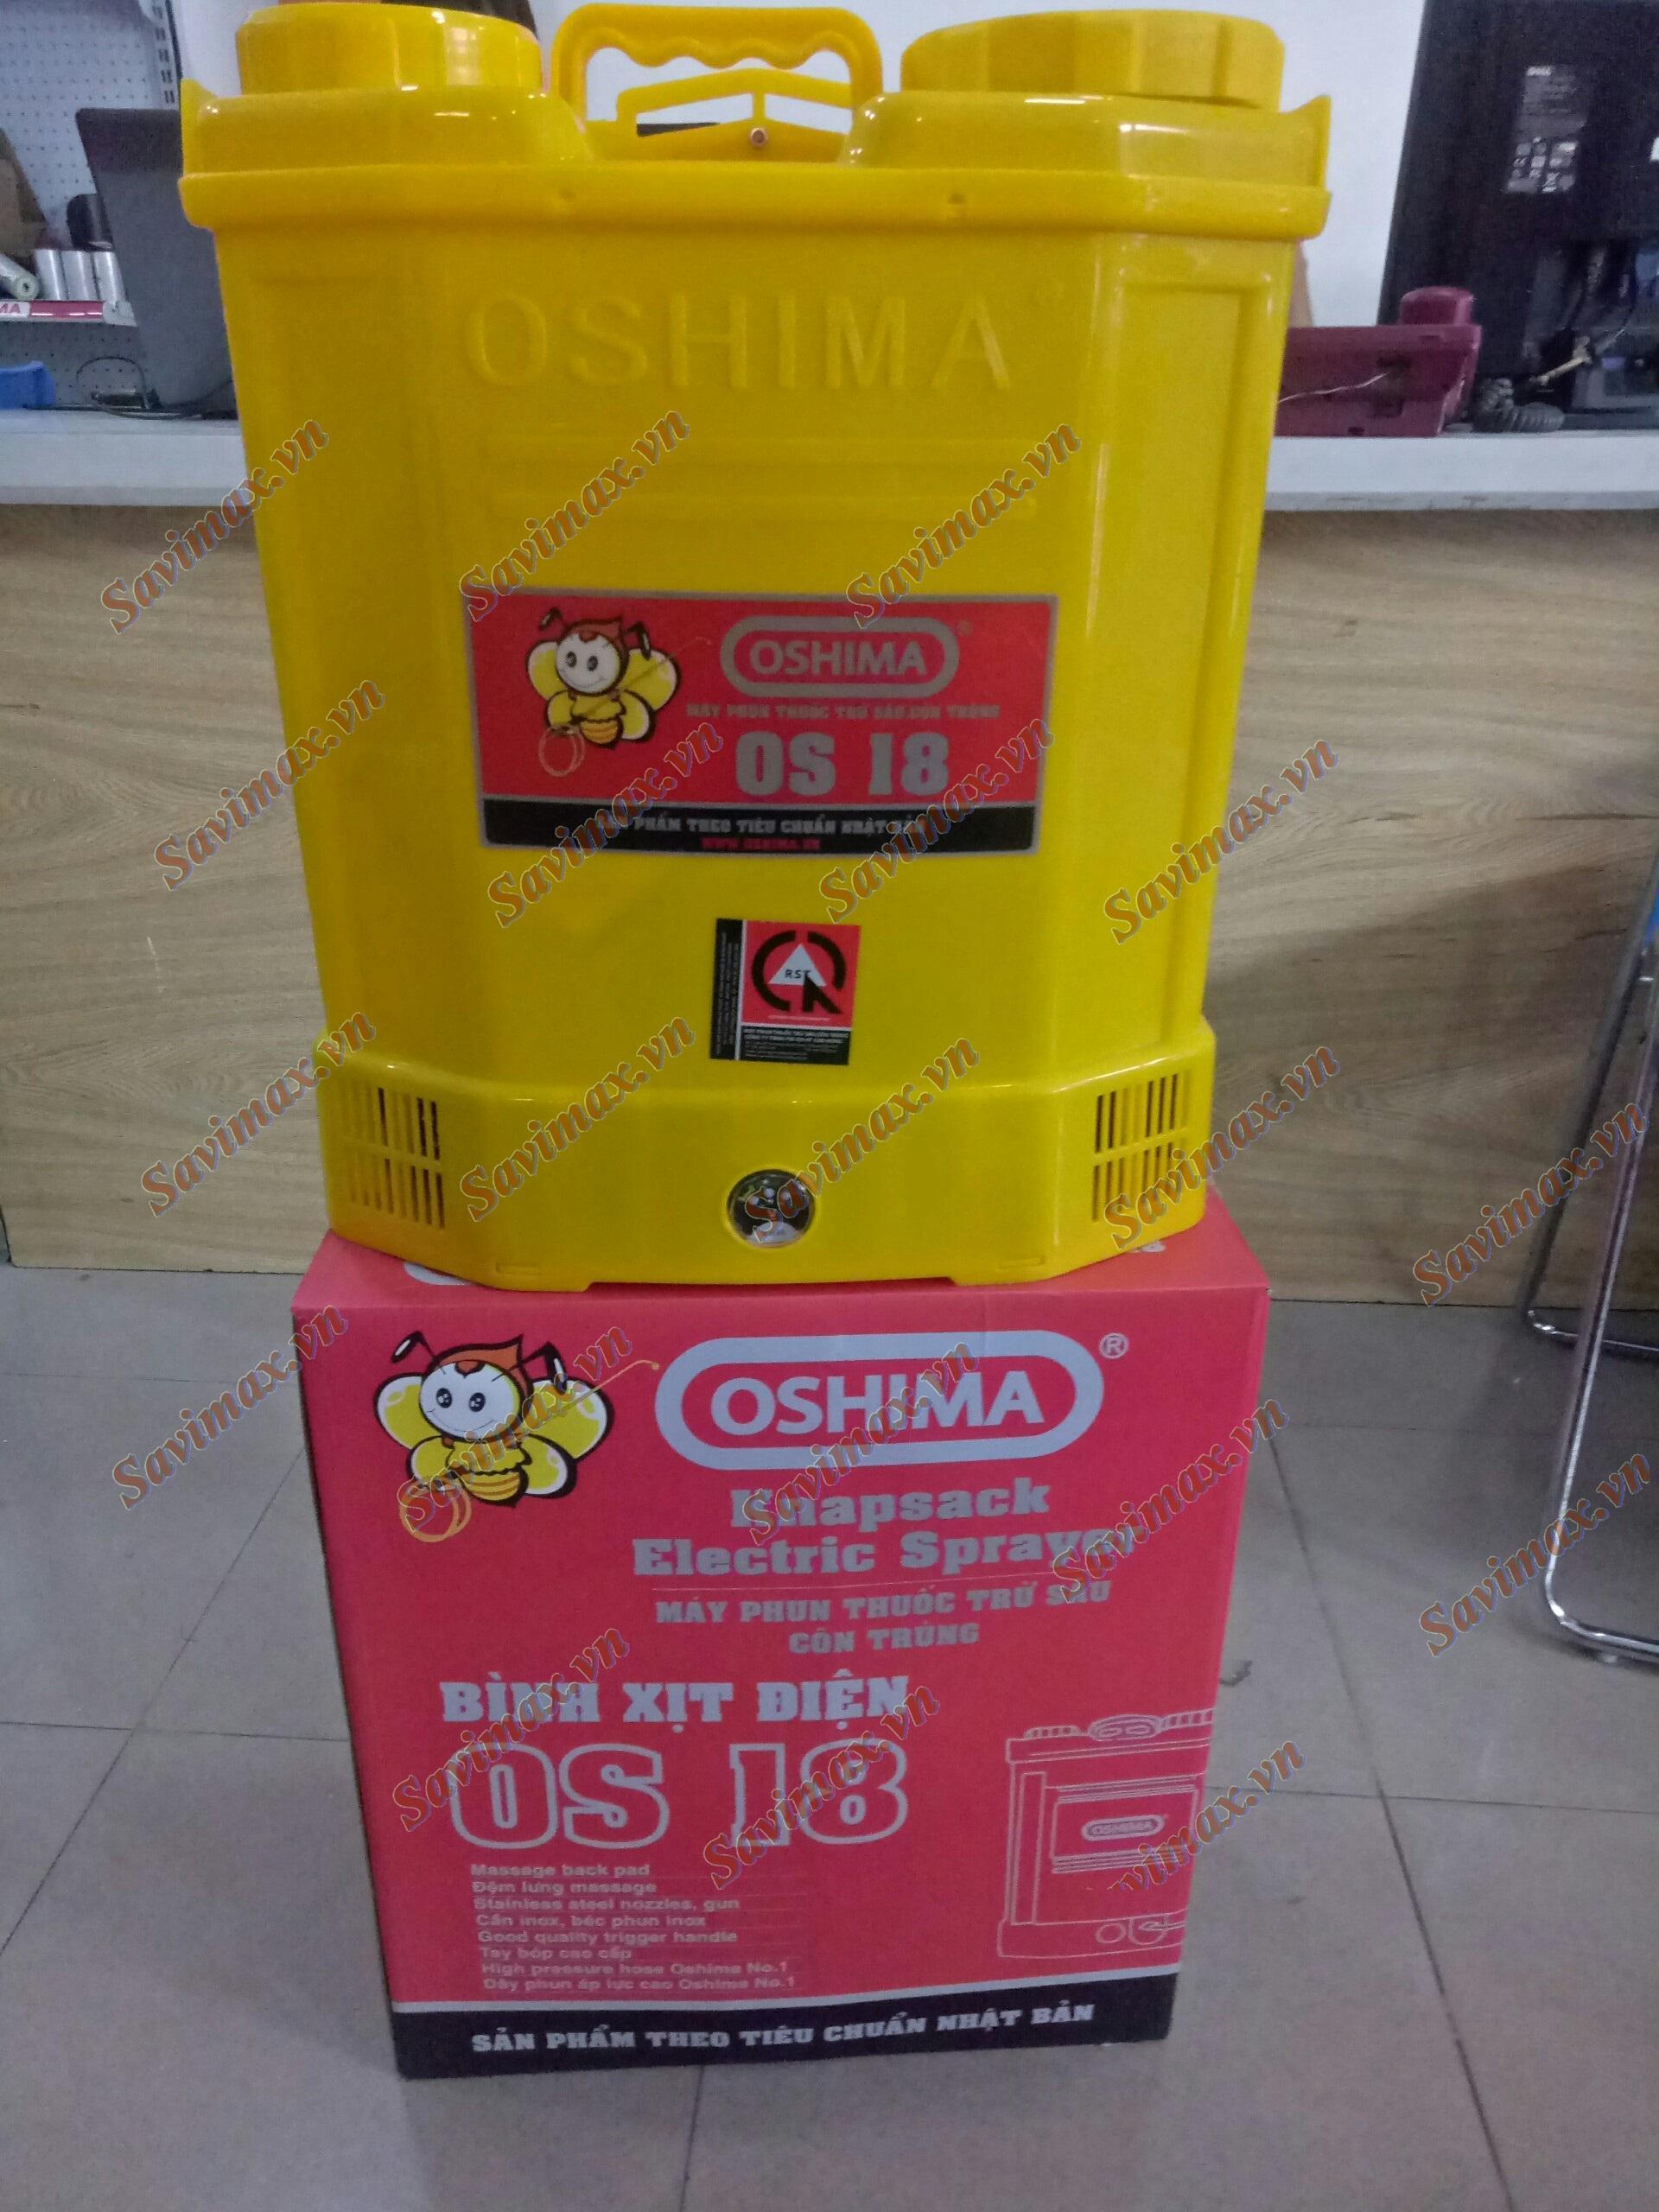 Bình xịt điện Oshima OS18 dung tích 18 lít